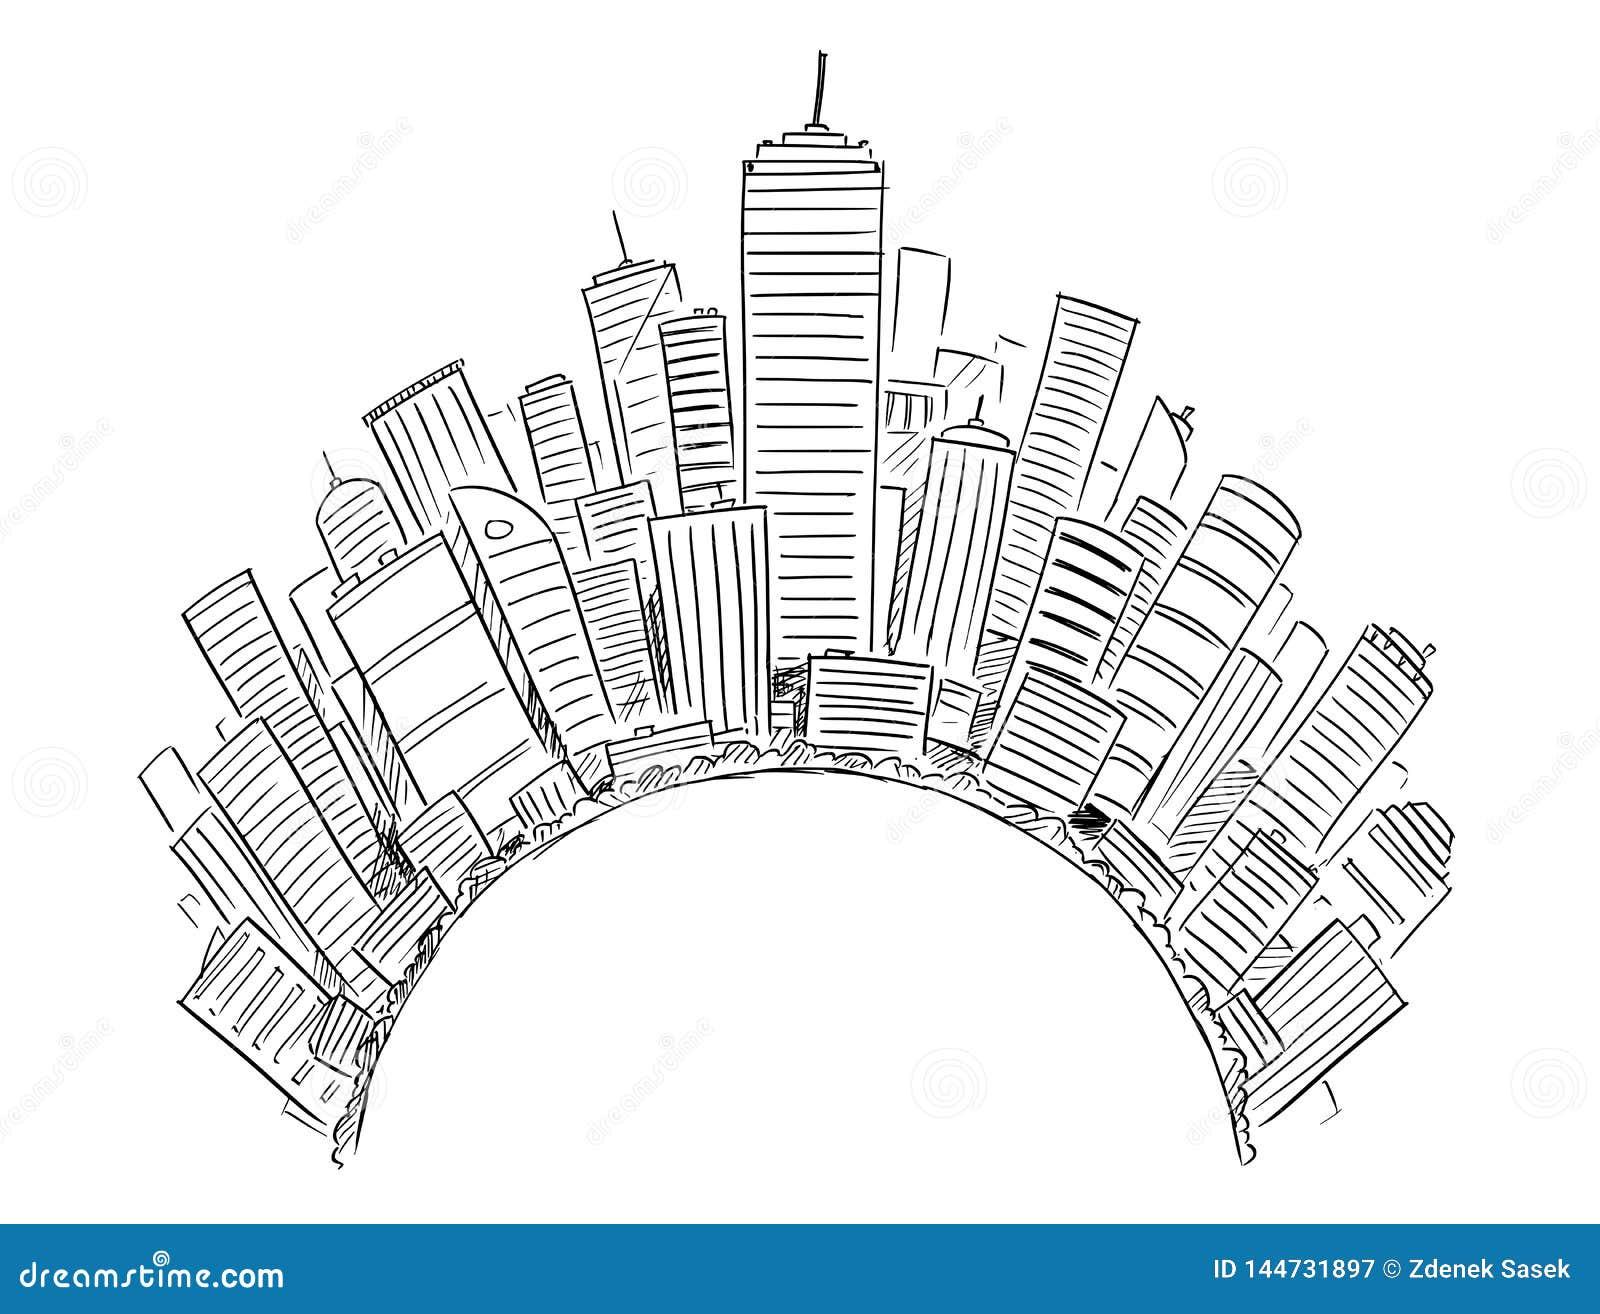 Dessin de vecteur des bâtiments ayant beaucoup d étages modernes génériques autour du demi-cercle ou du globe